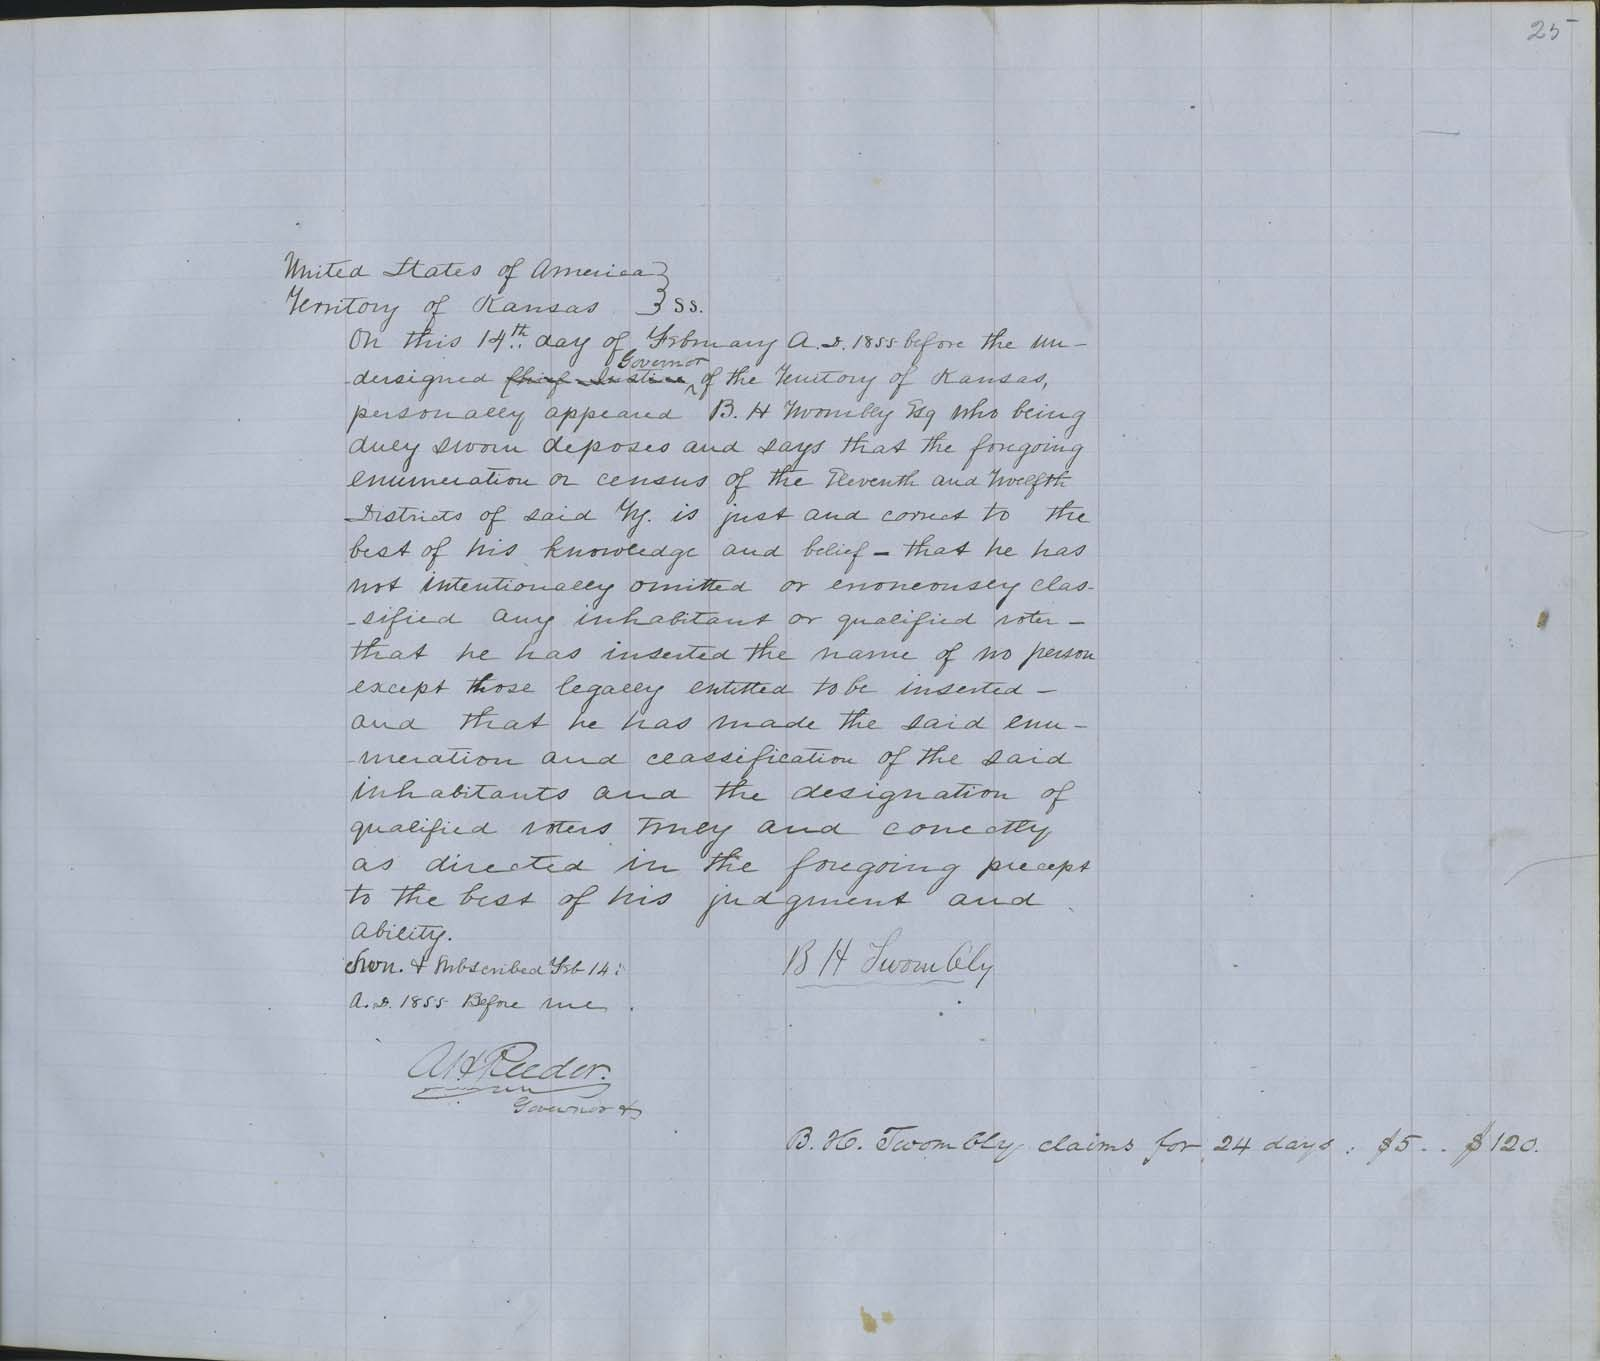 Territorial Census, 1855, District 11 - p. 5